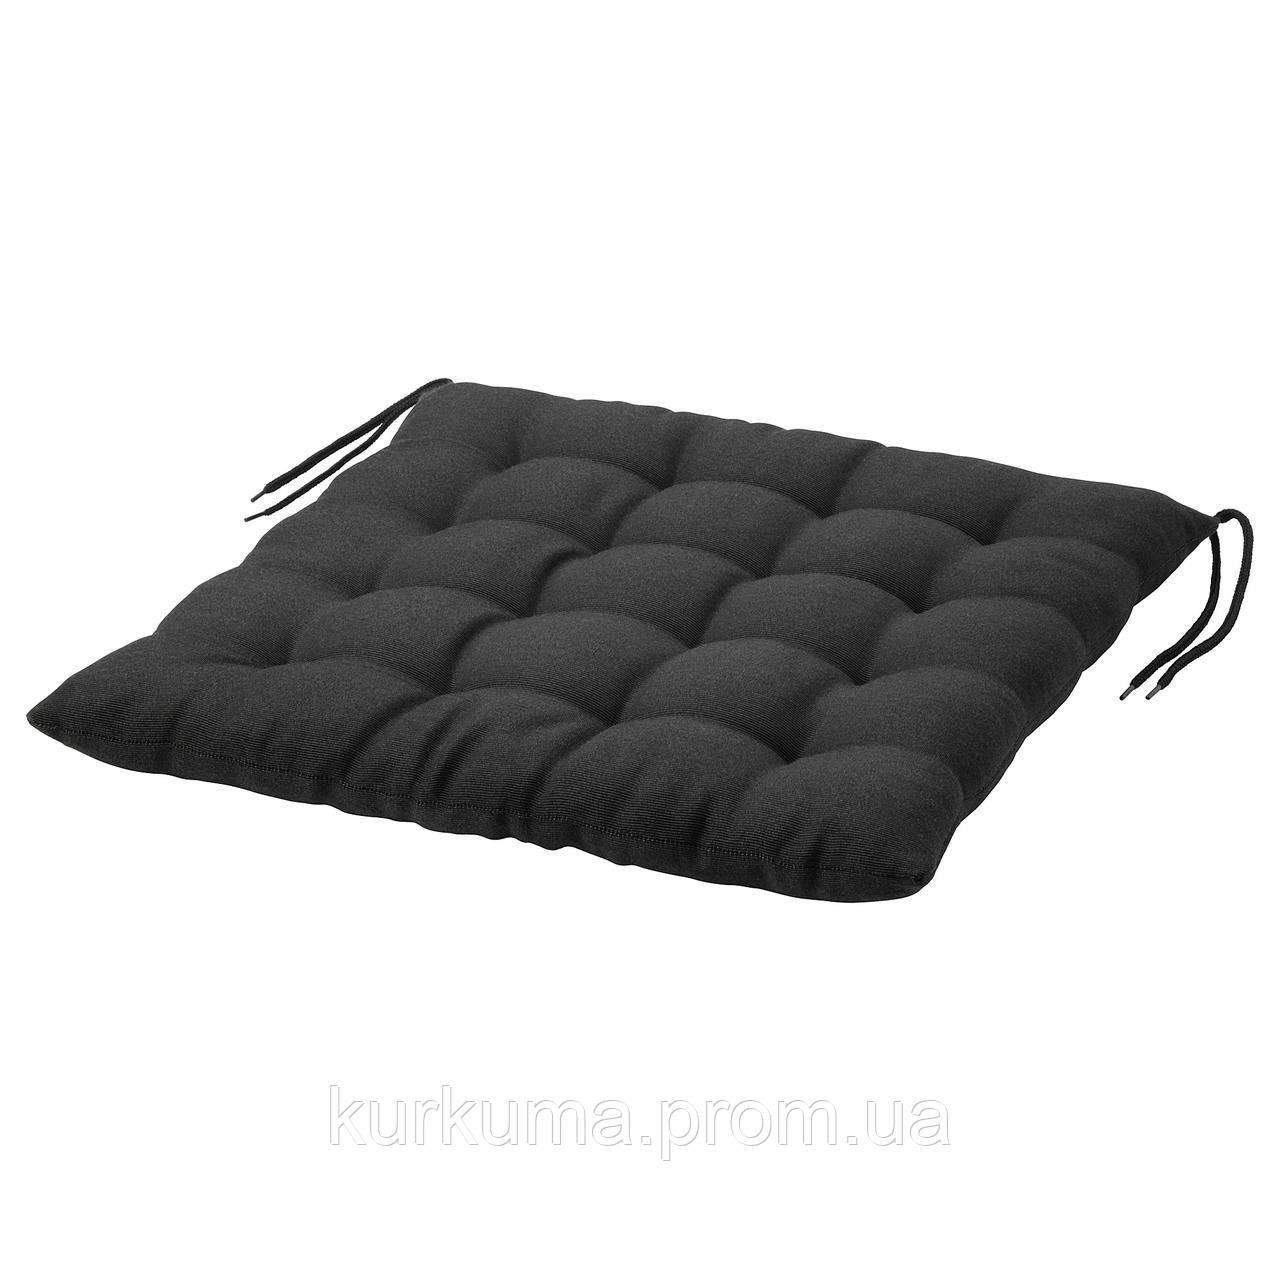 IKEA HALLO Подушка для садового кресла, черный  (402.644.85)